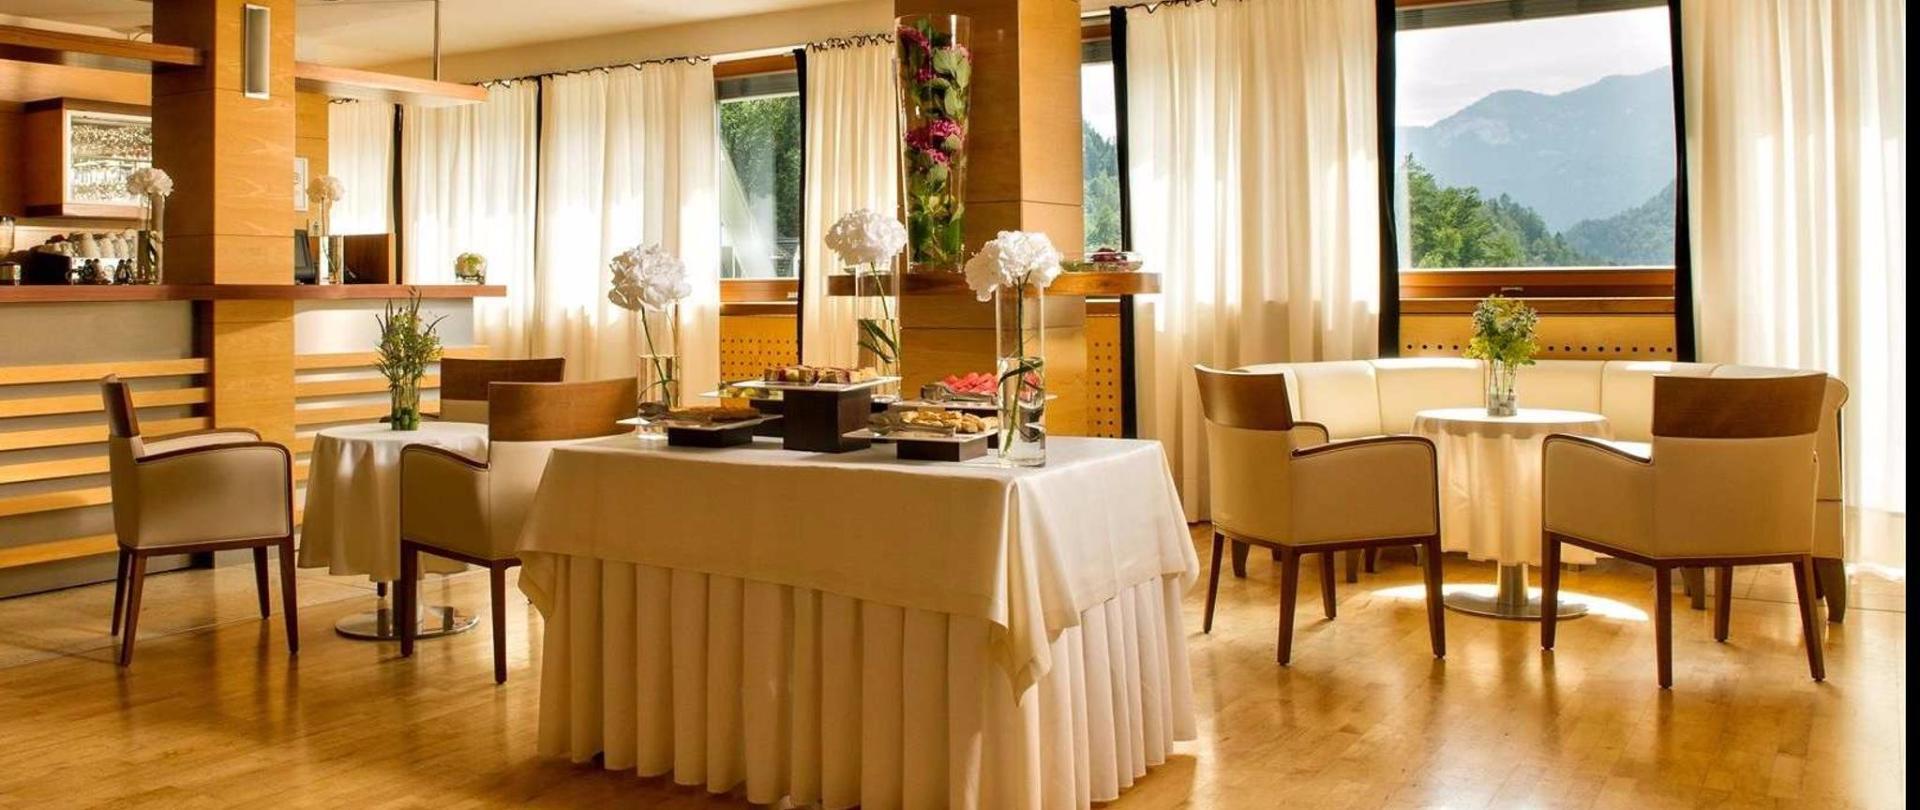 Best Western Premier Hotel Lovec - Panorama Meeting Room Bar